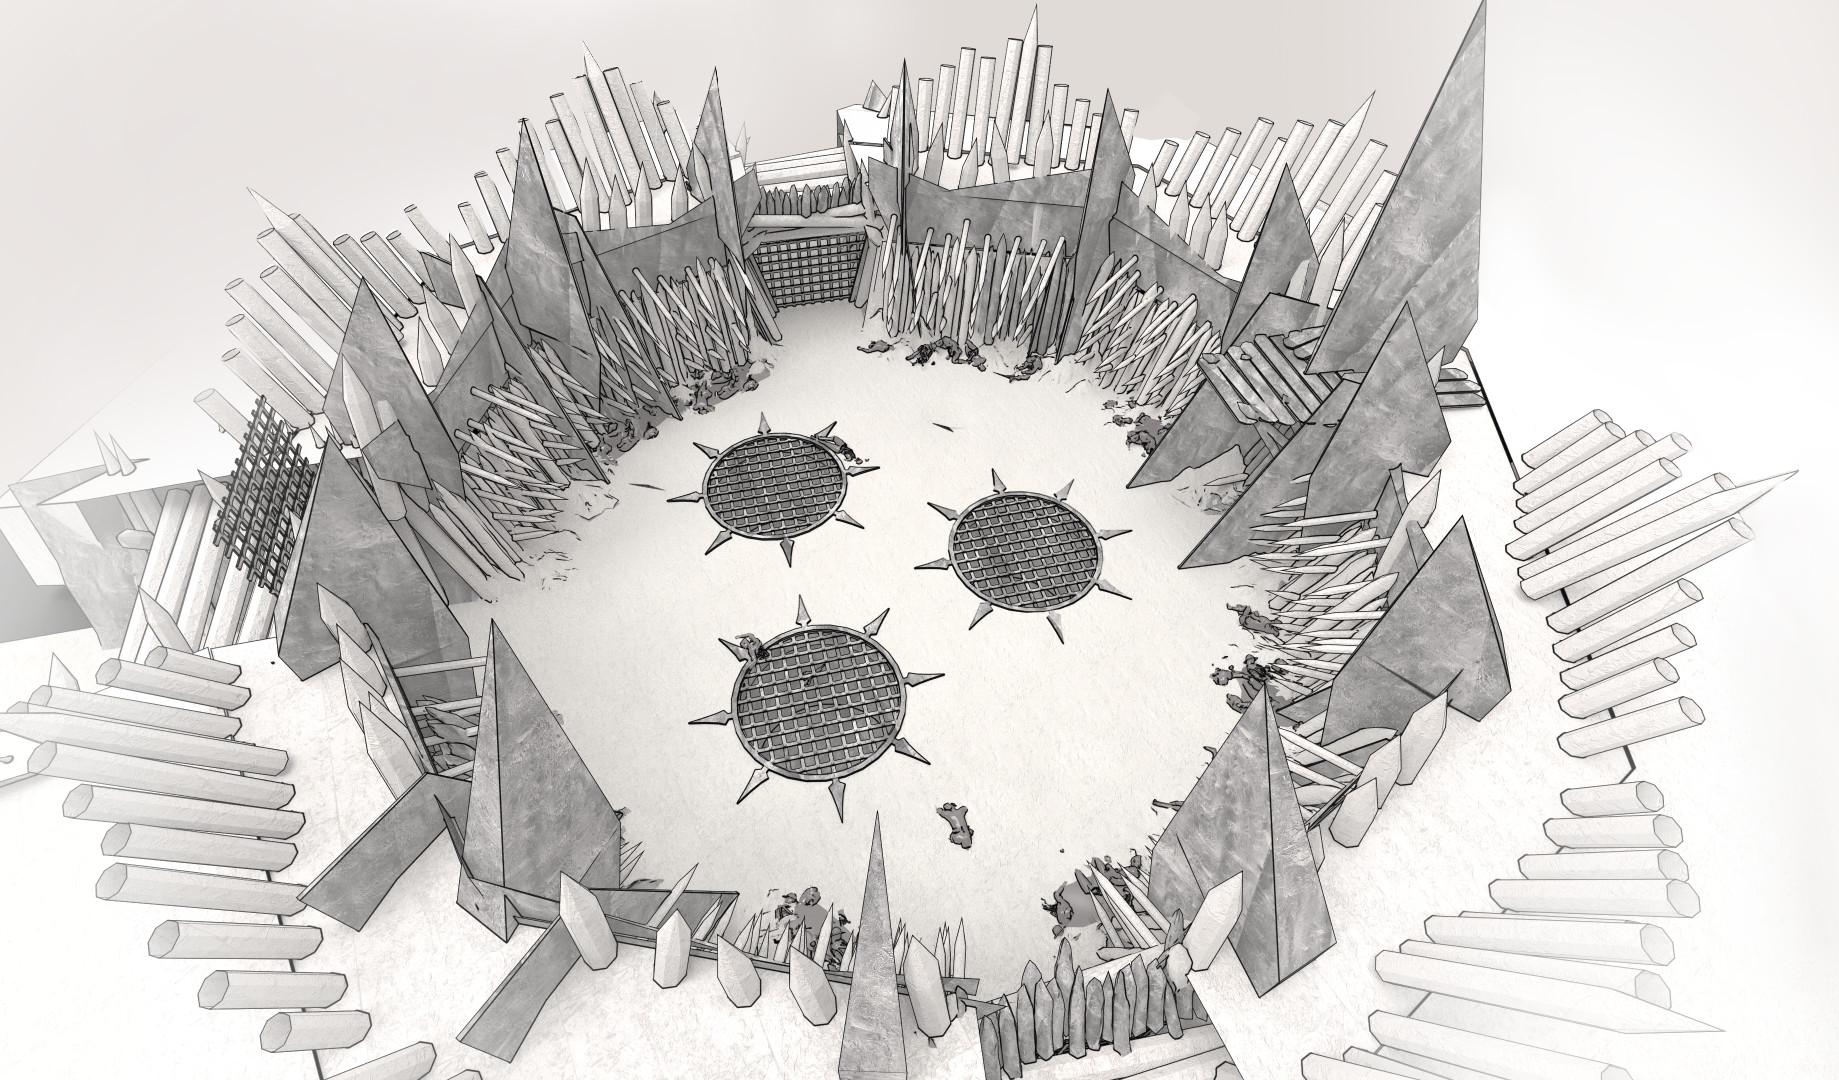 Patrik rosander chaos warcamp arena lines